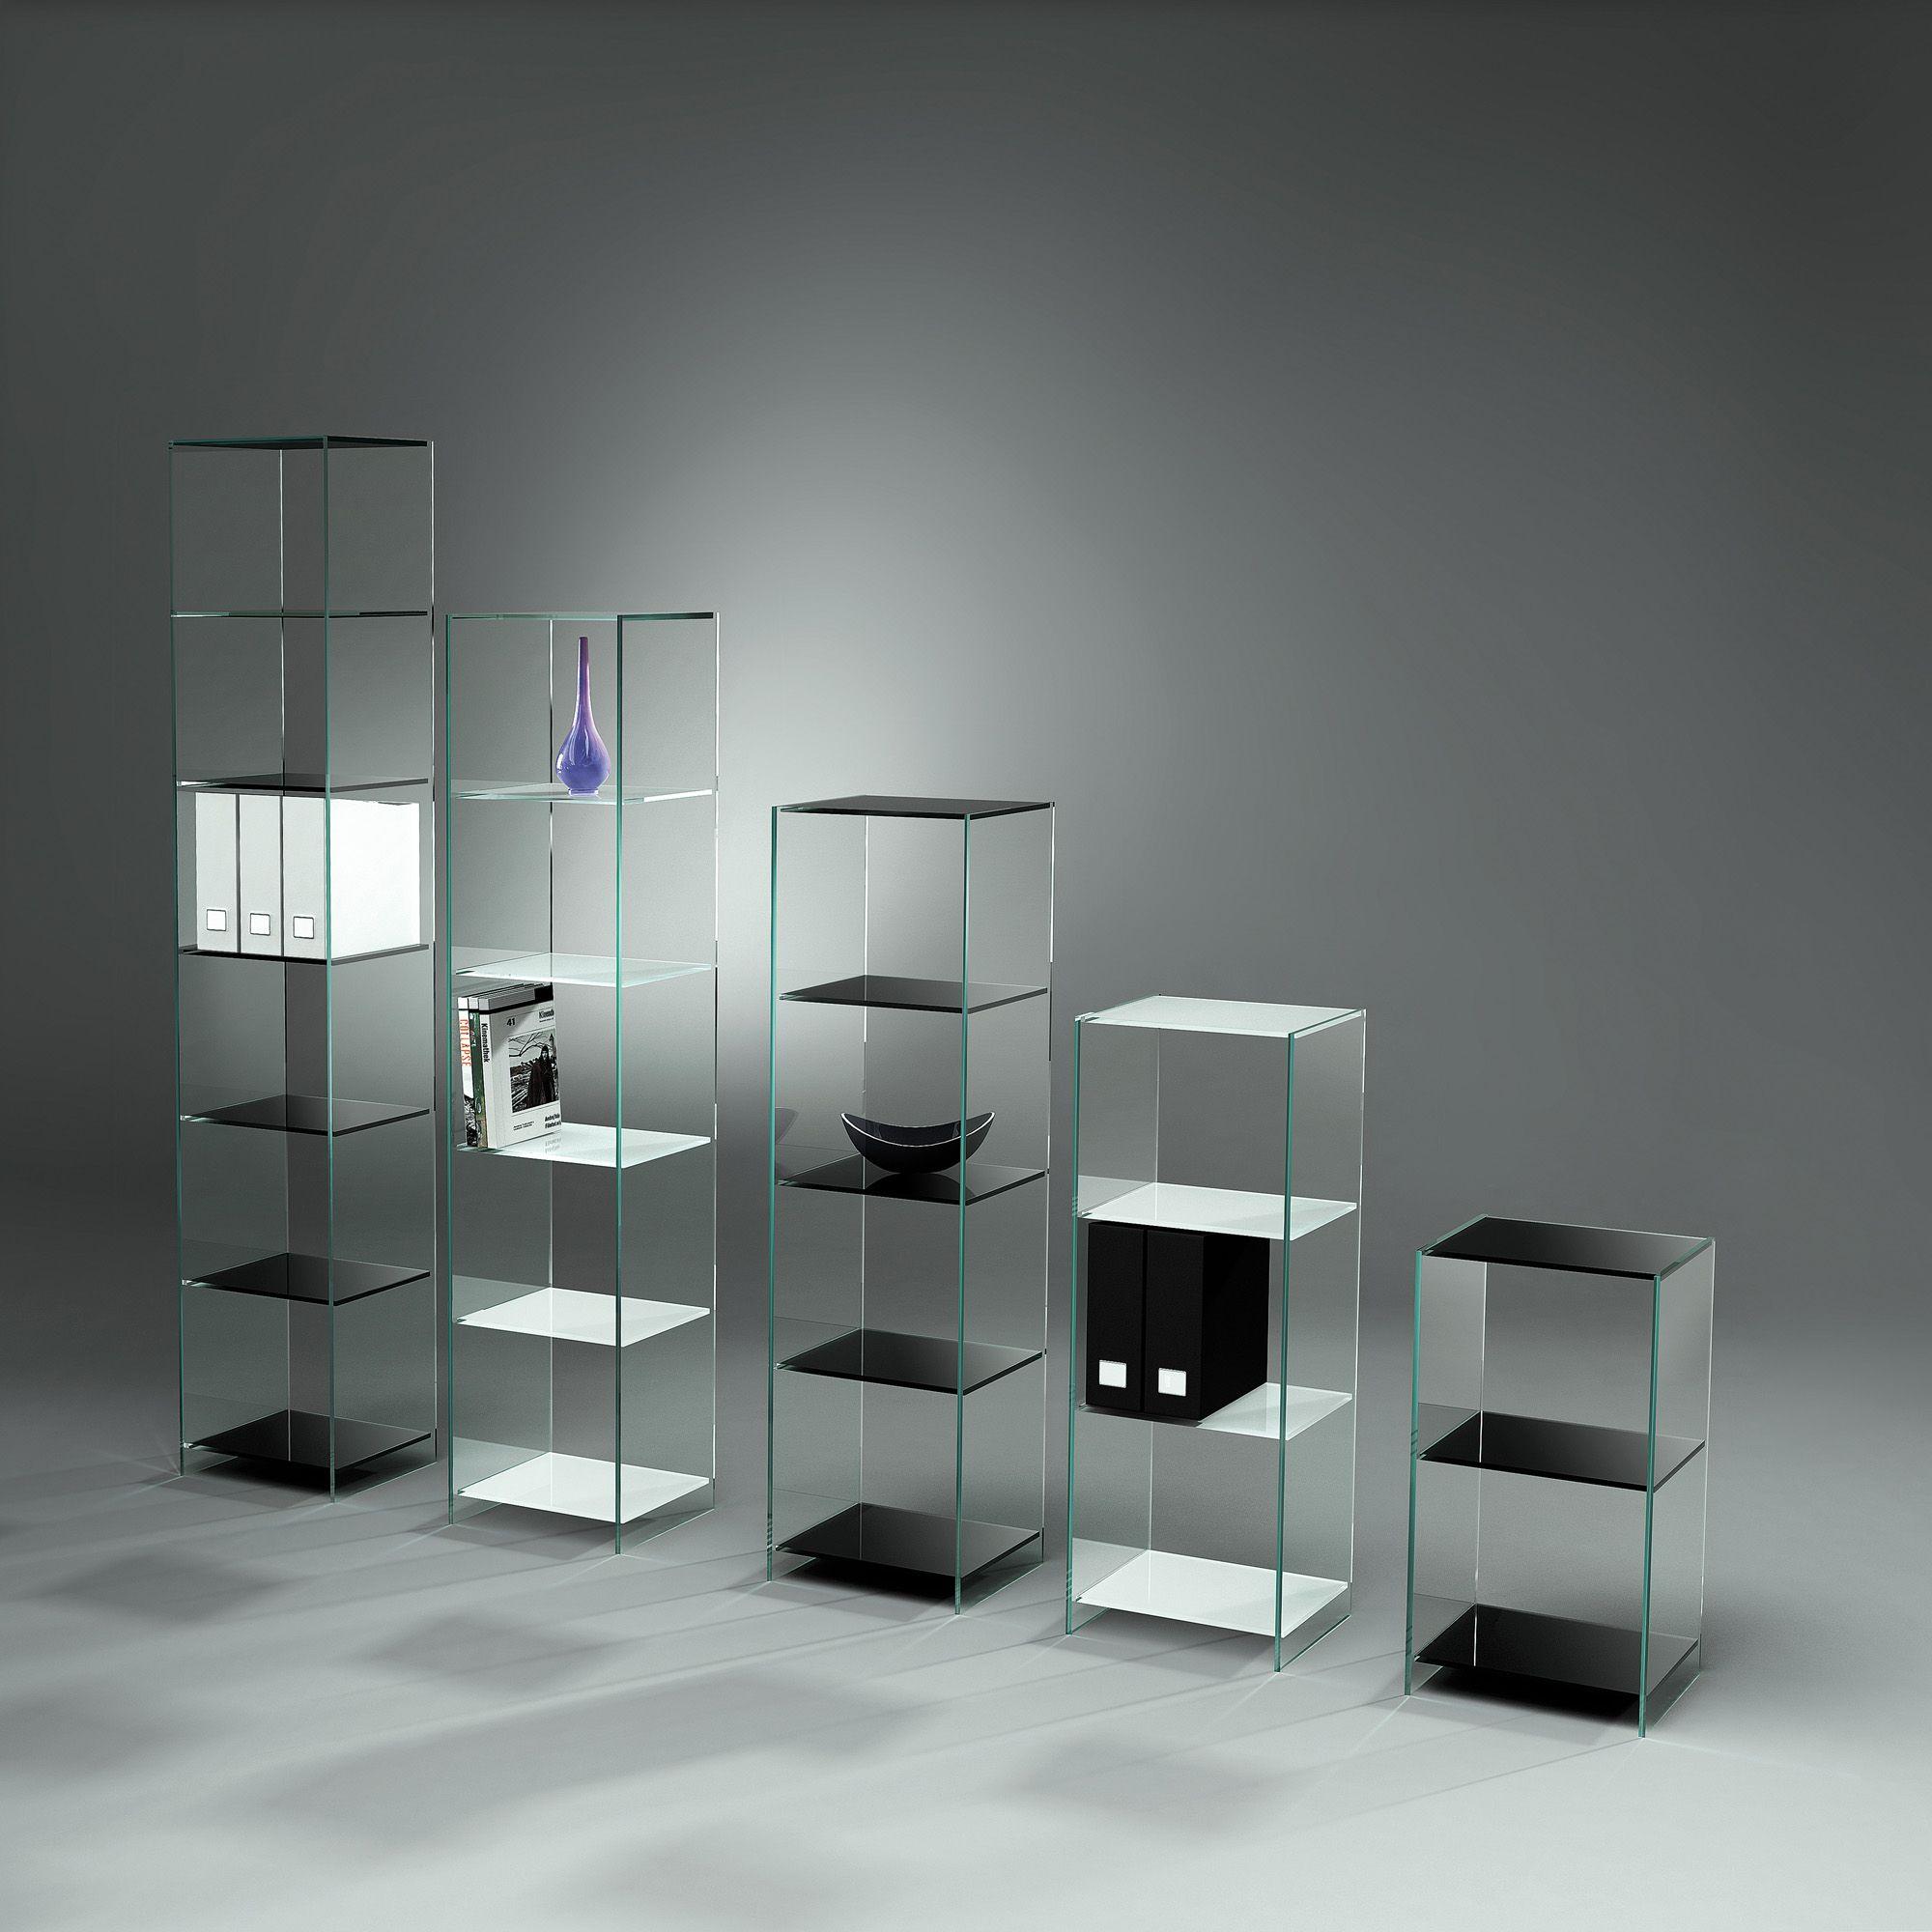 Tourelle Office Glasregale Diese Ganzglasregale In Besonders Hellem Optiwhite Glas Mit Den Unterseitig Lack Glasregal Regal Und Vitrine